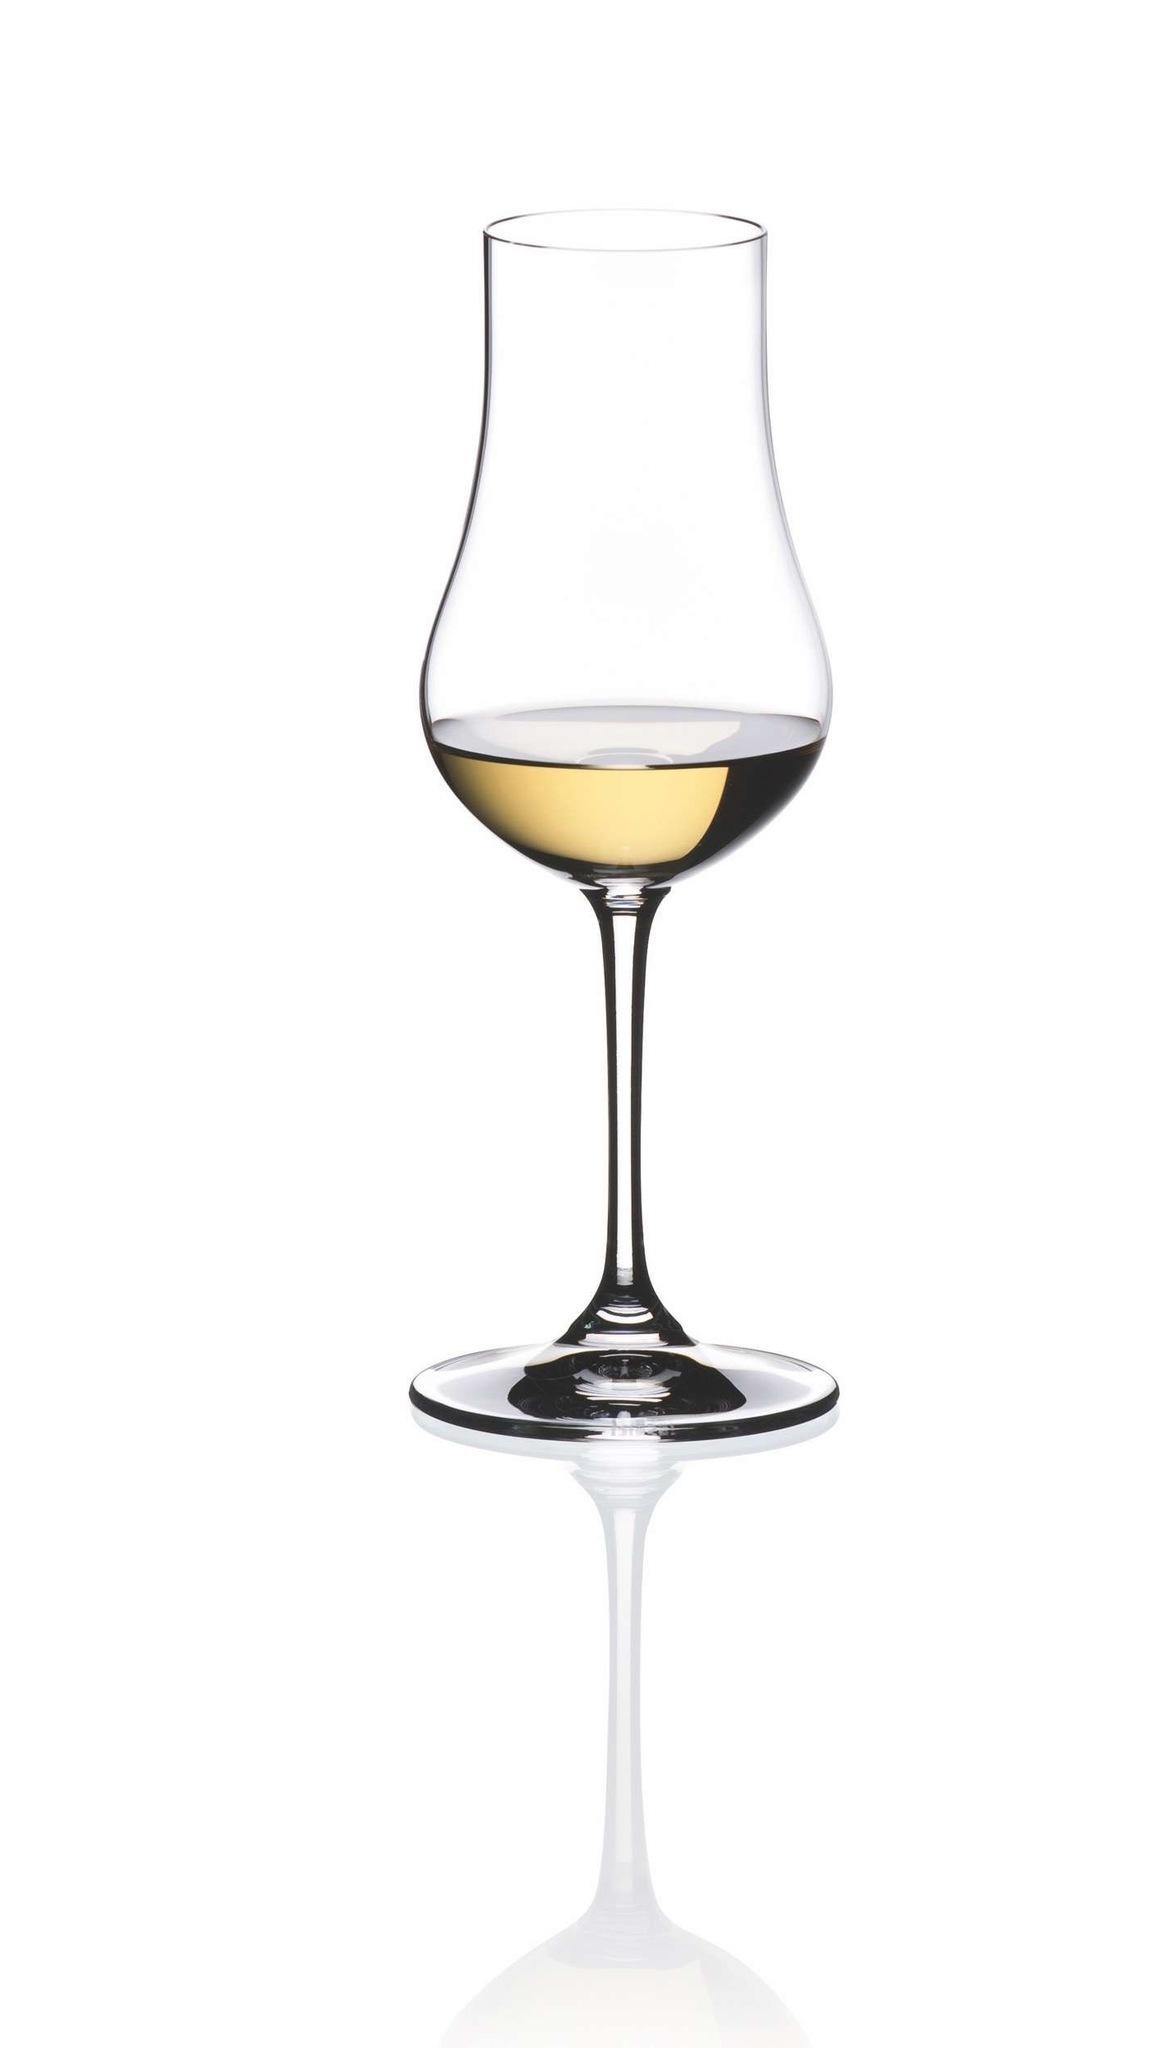 бокалы для рома фото исинбаевой